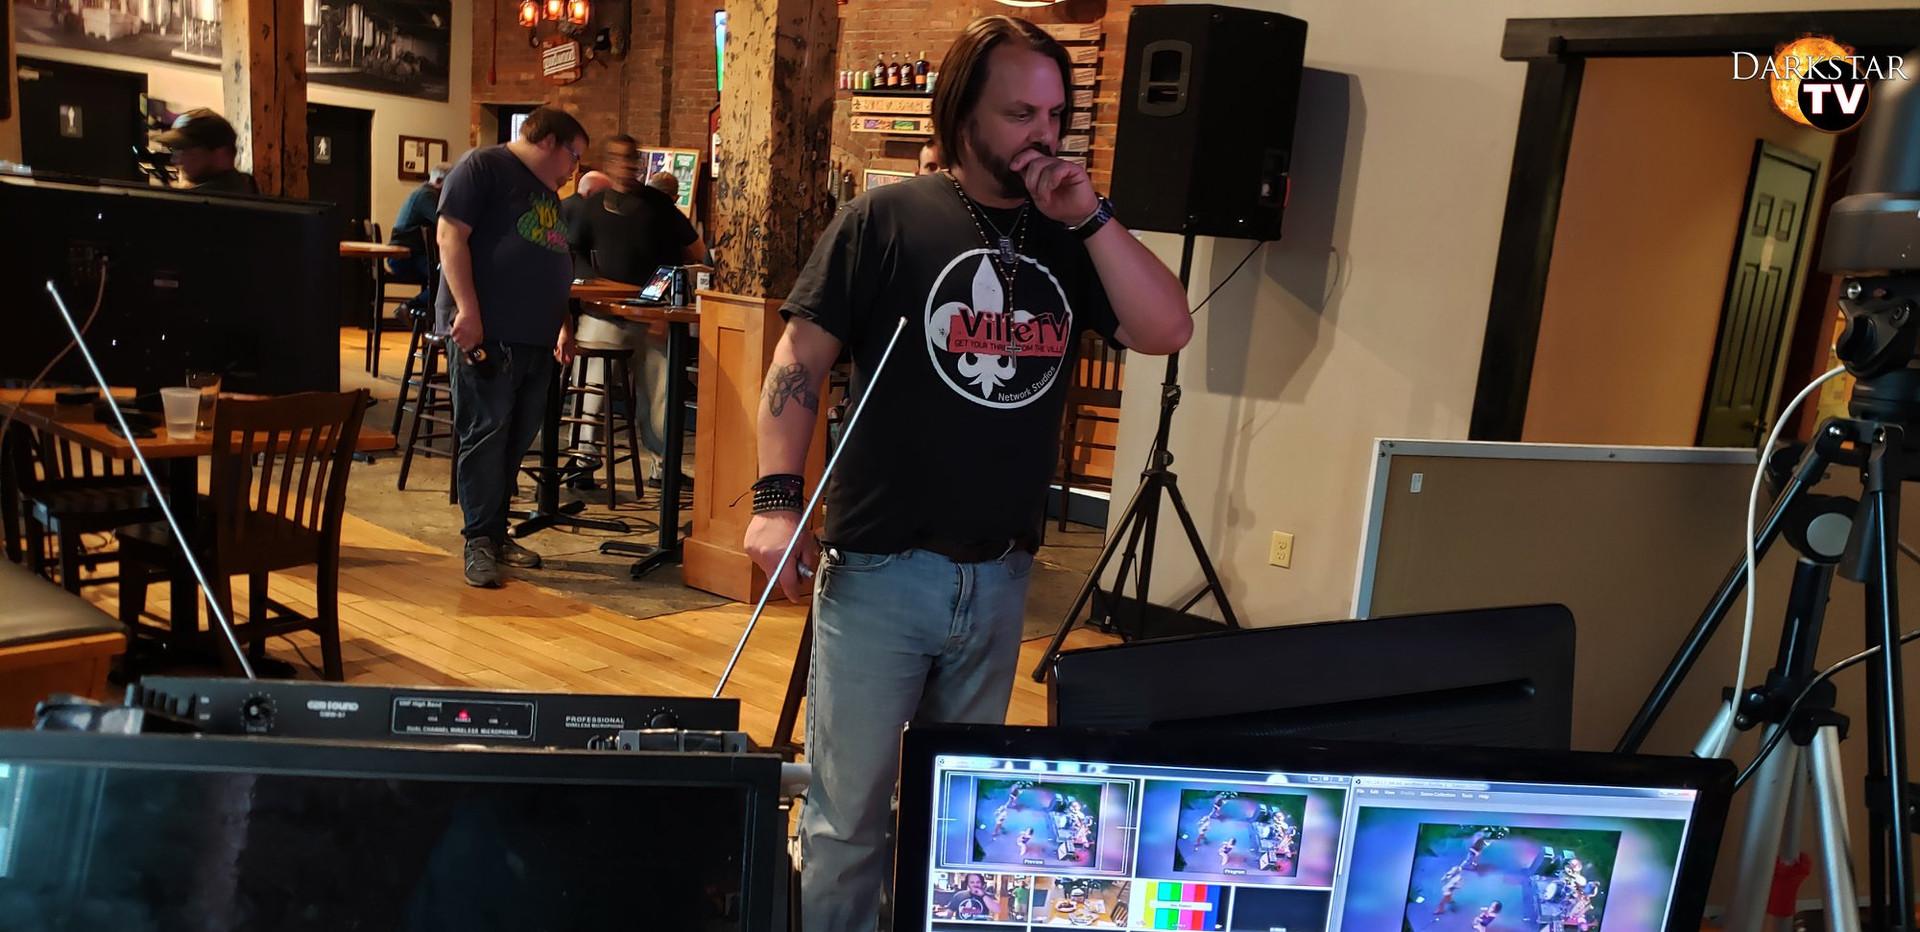 Sean at VilleTV Live on location at Good